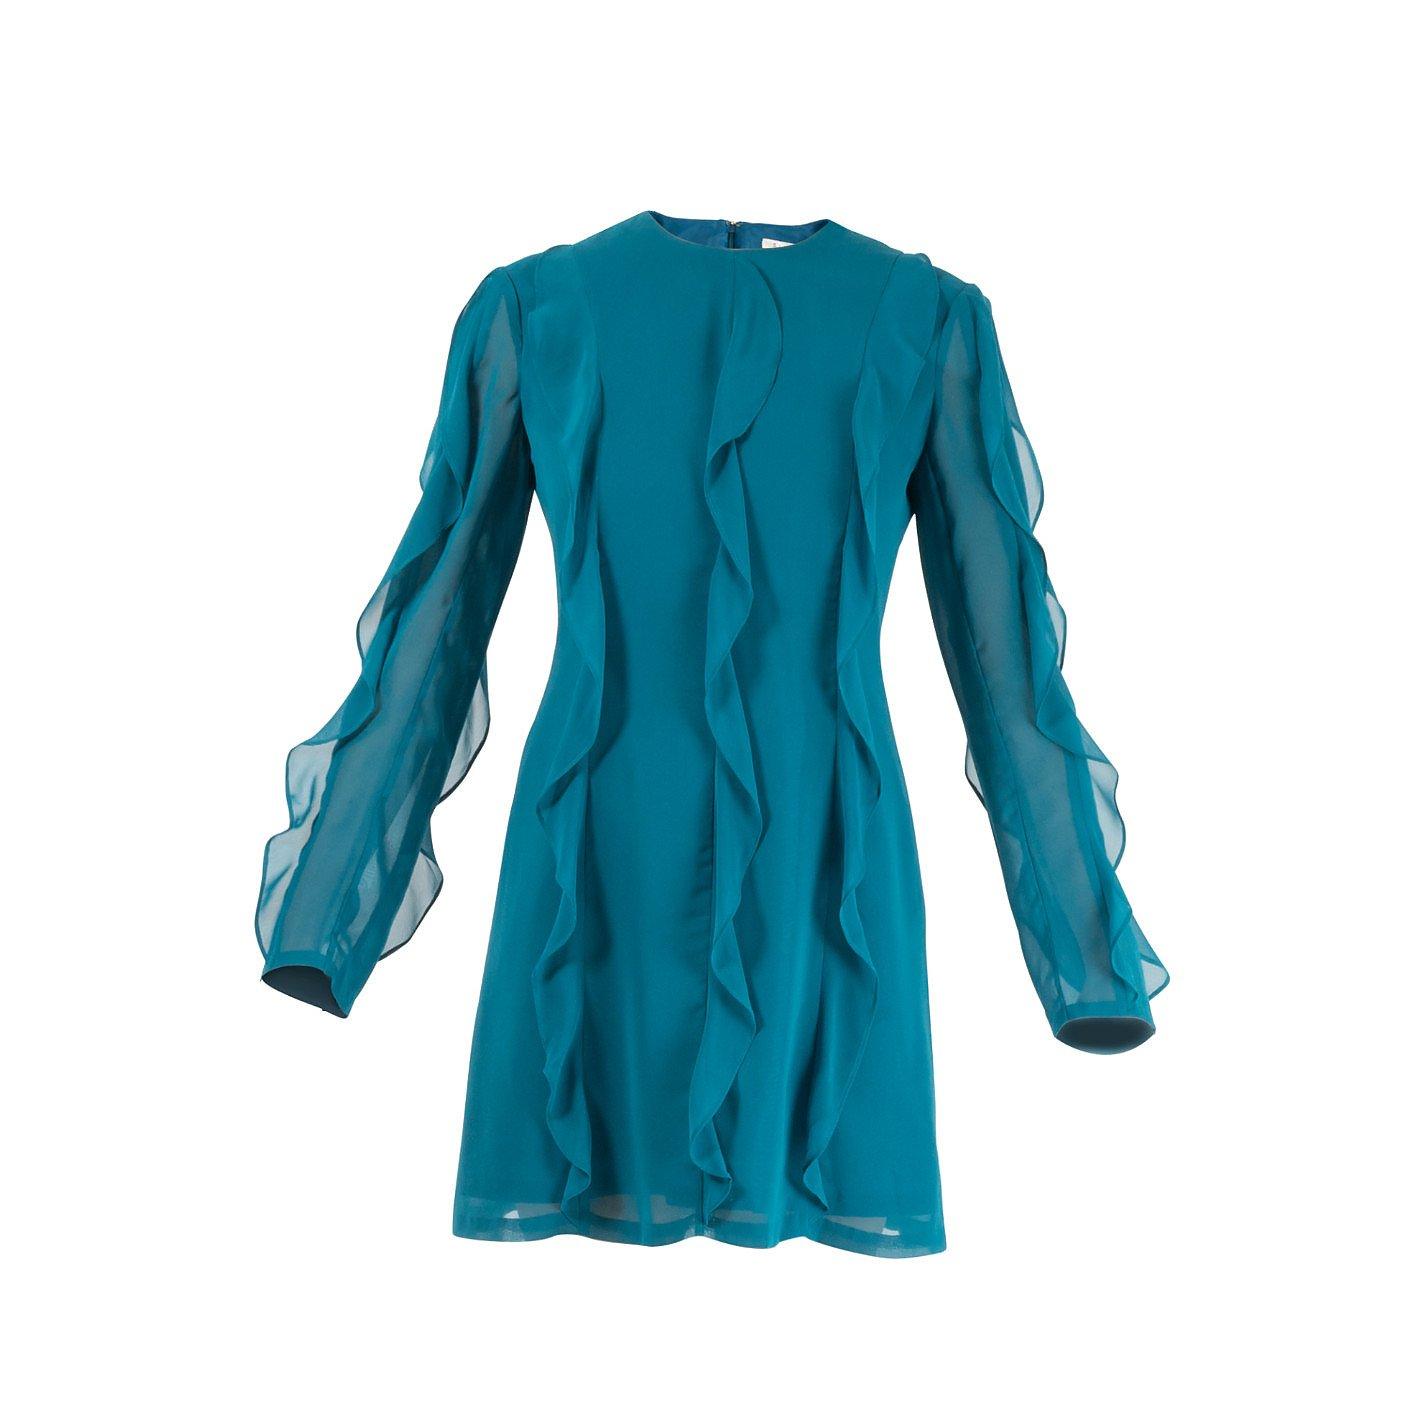 Starsica Ruffle Dress